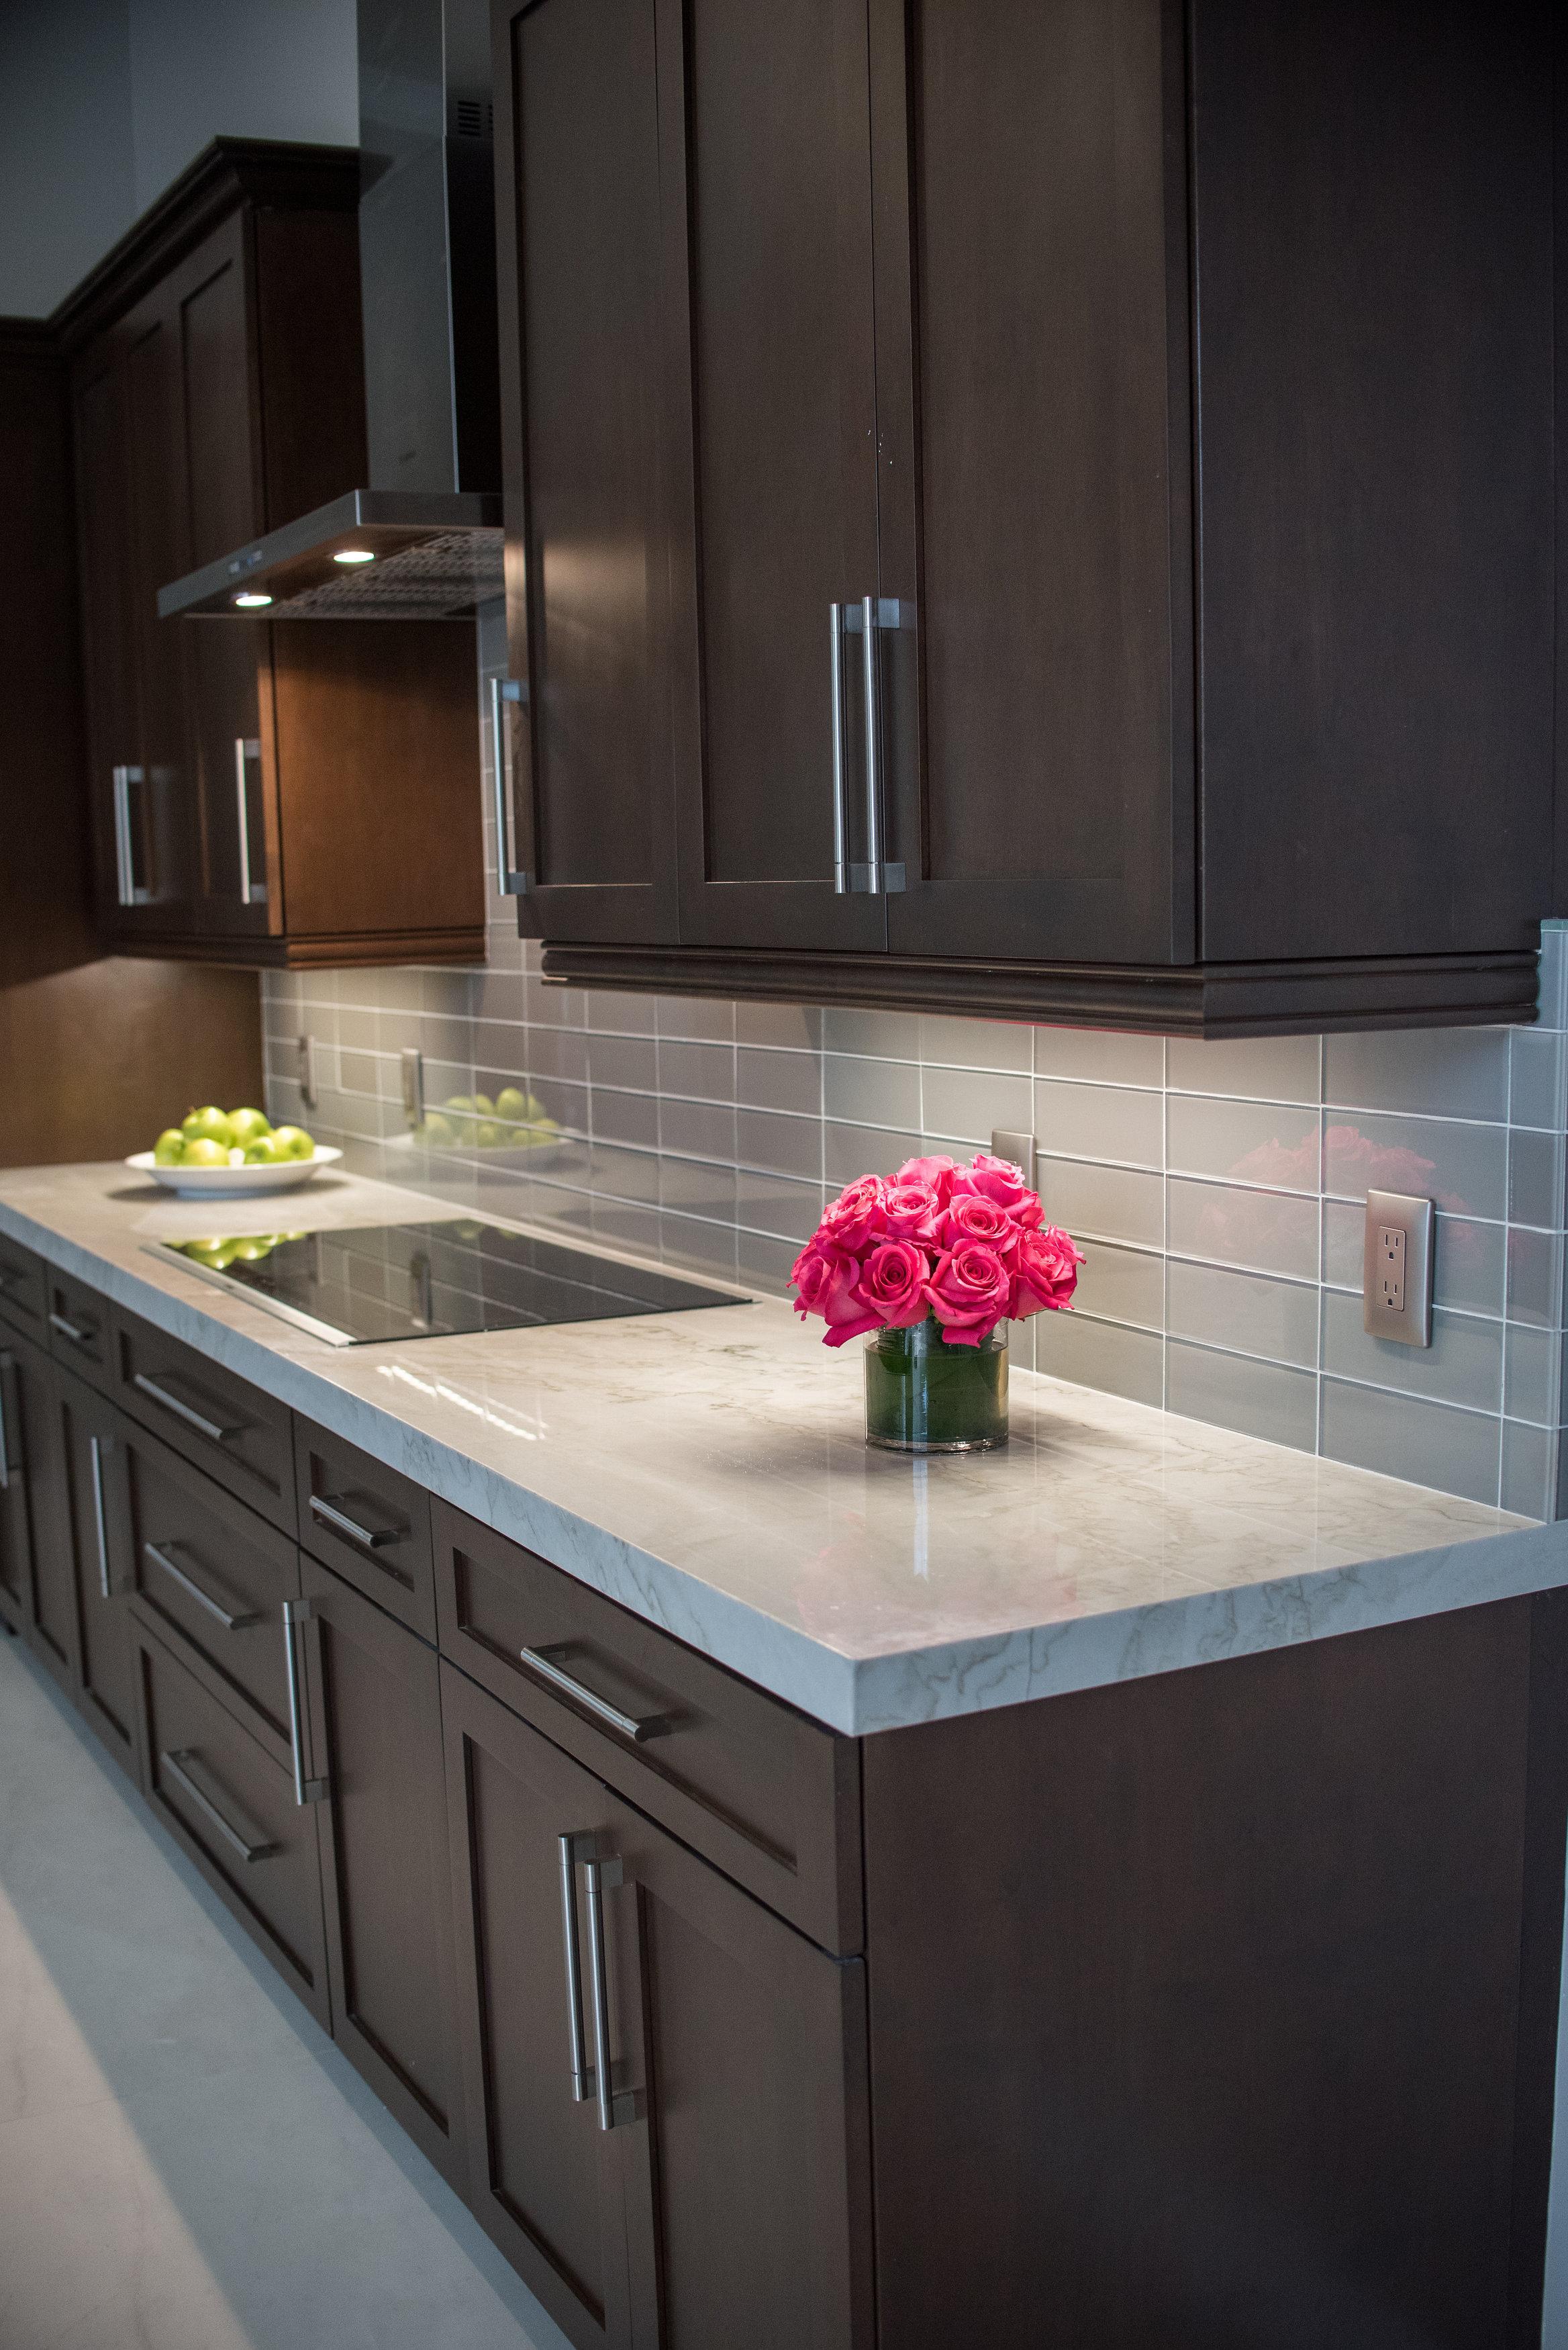 niche in kitchens - kitchen interior design in weston, fl 33327